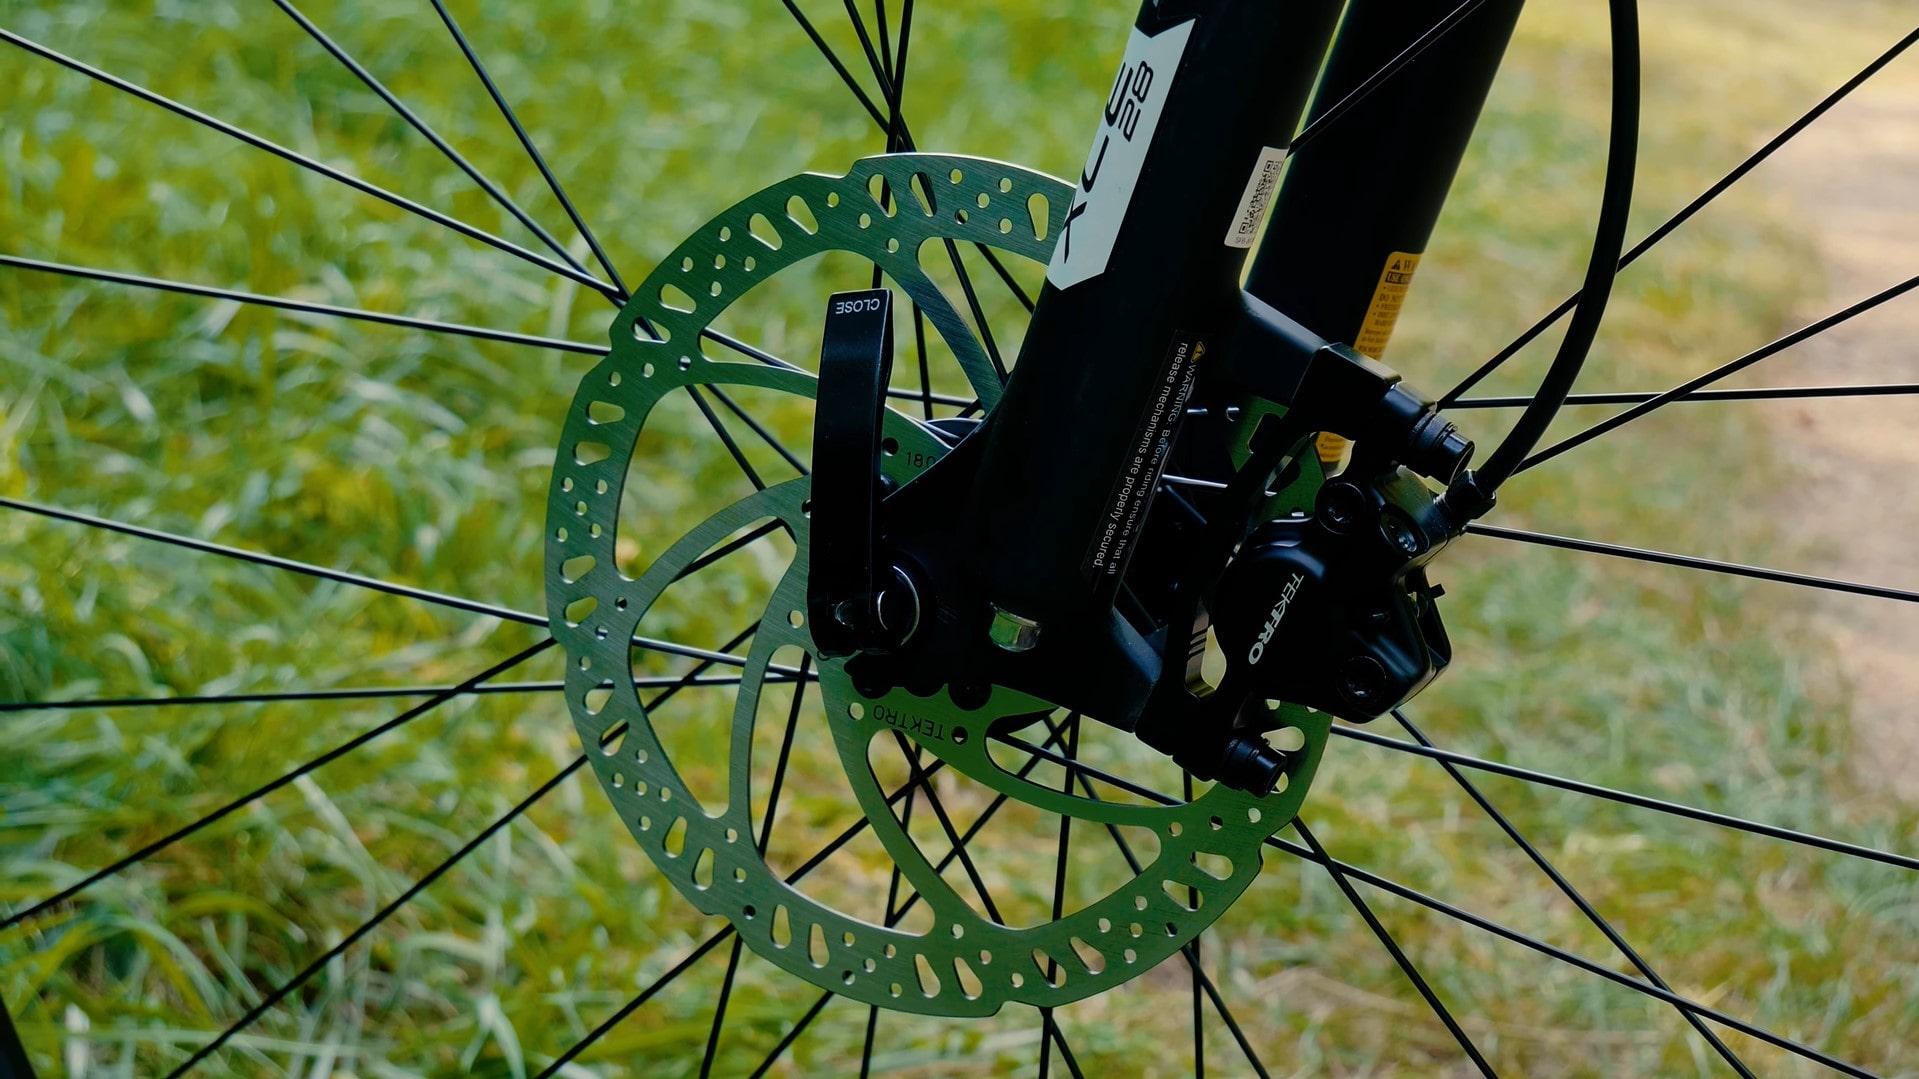 Trek Marlin 5 2020 - Einstiegs-Mountainbike - MTB - hydraulische Tektro Scheibenbremse